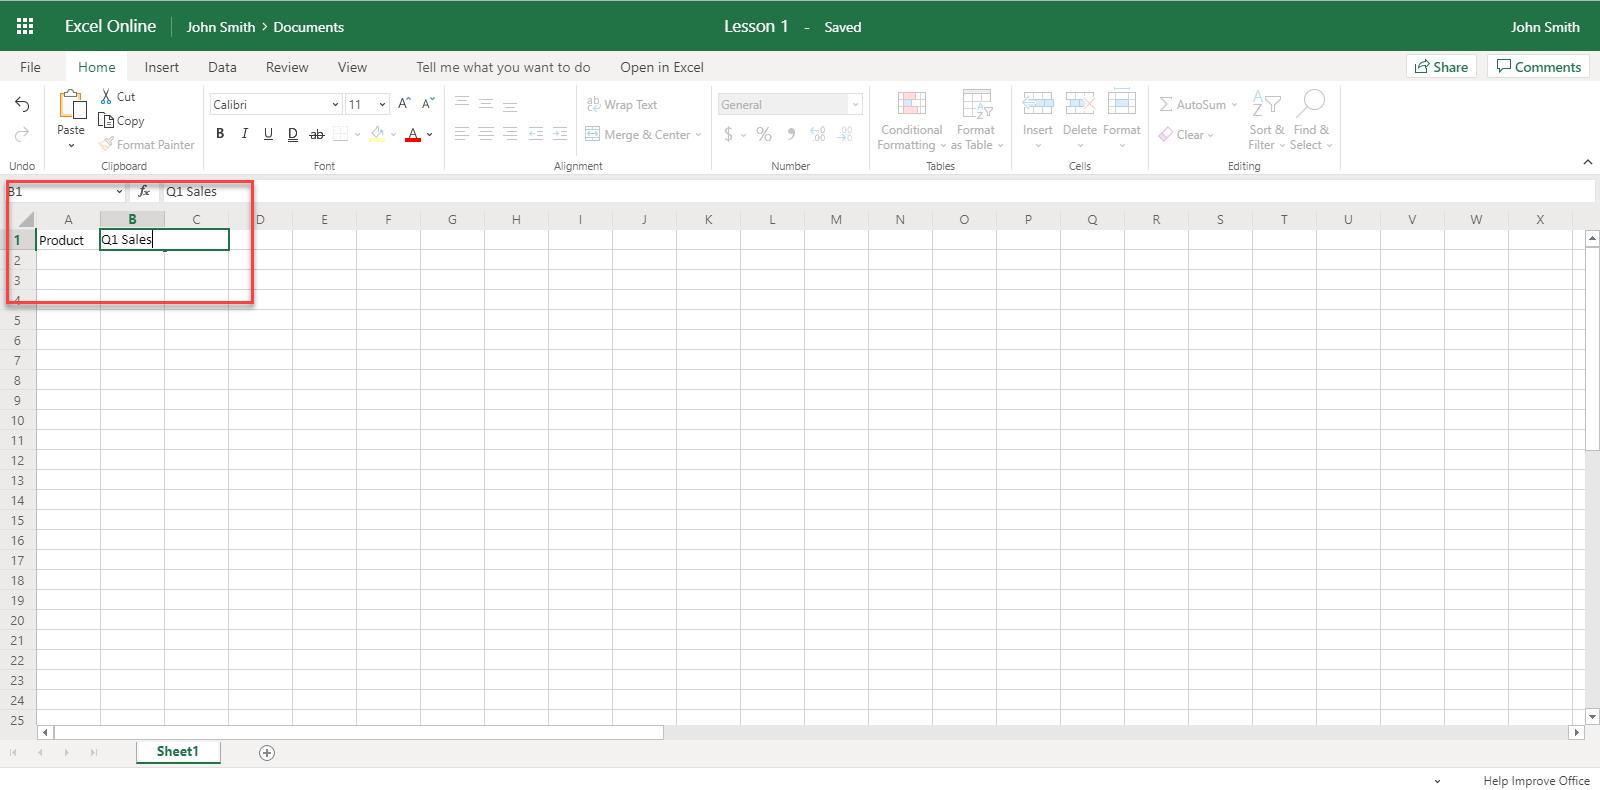 Excel 365 Online